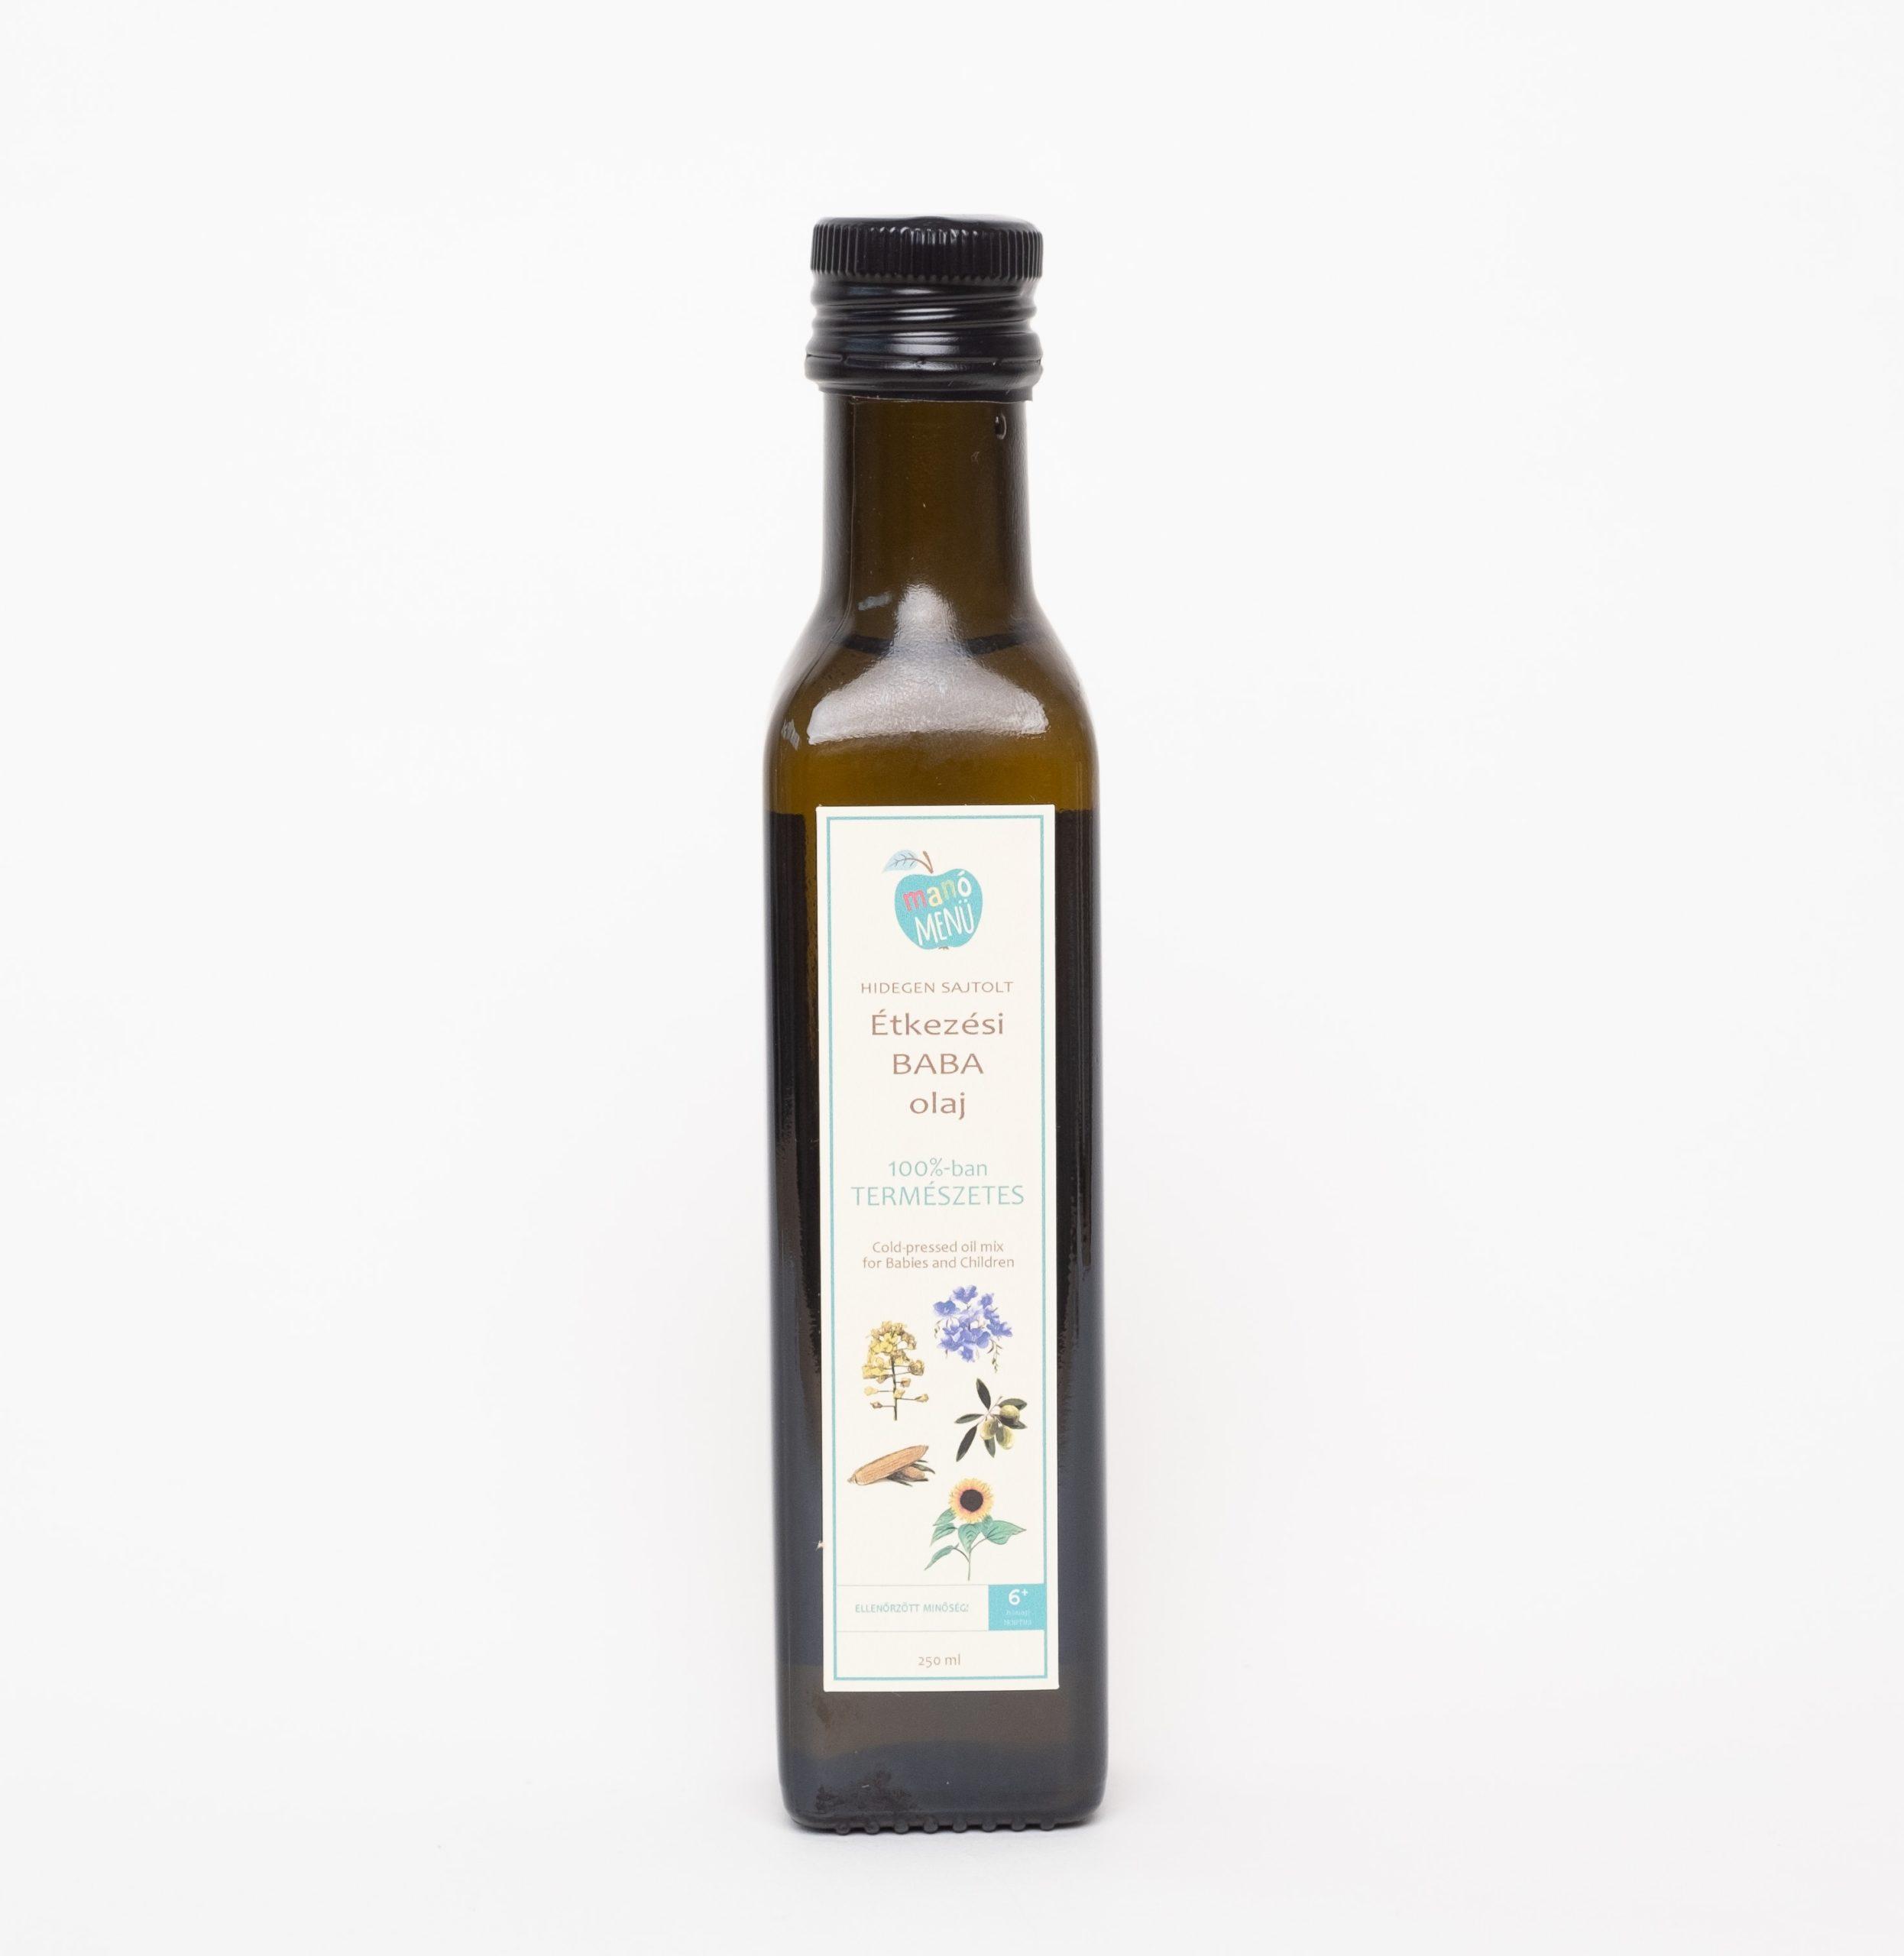 ManóMenü® Étkezési Babaolaj 250ml - Manó Menü